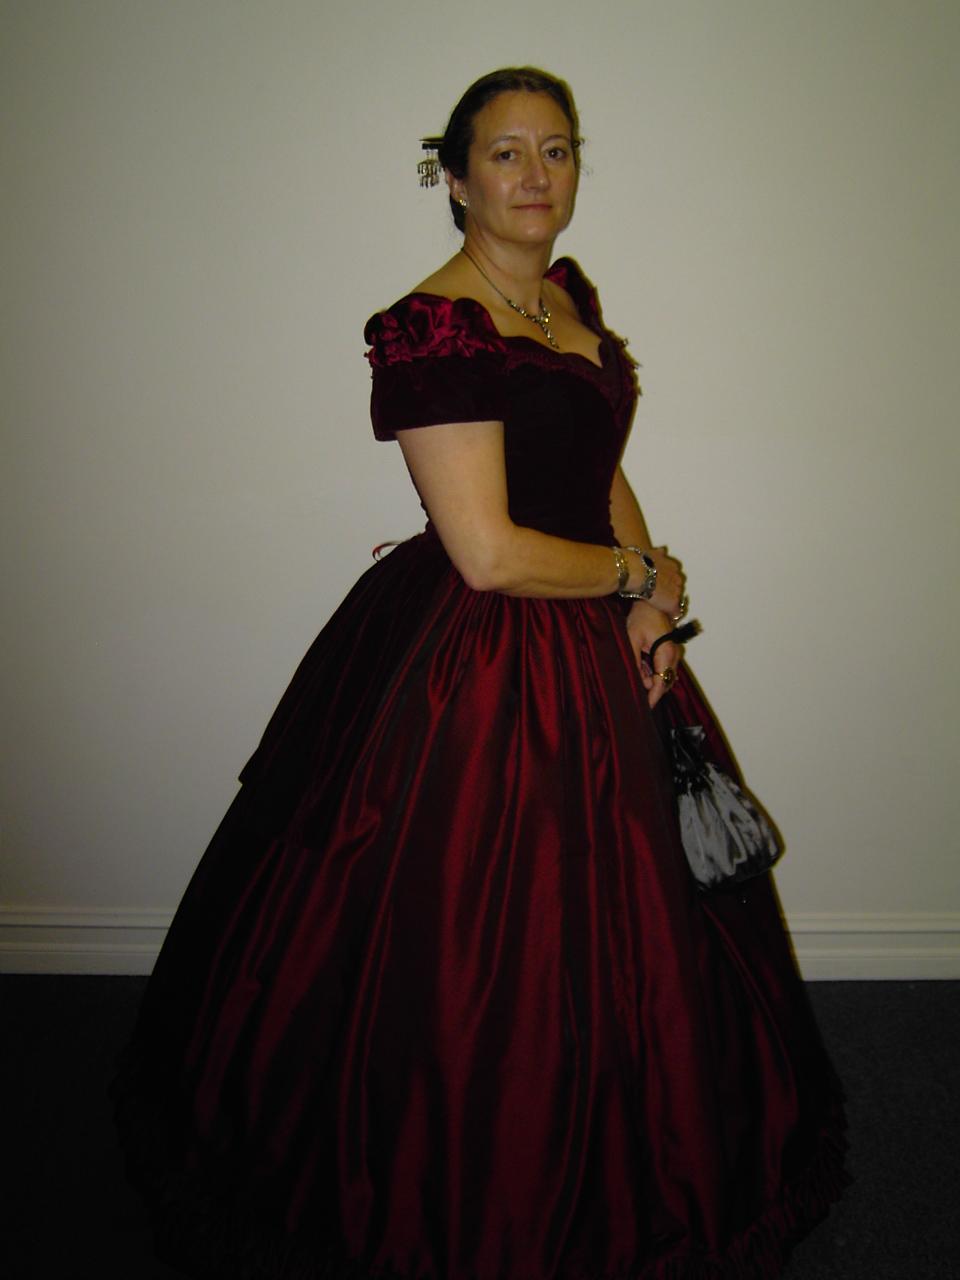 Velvet Gown Dressed Up Girl